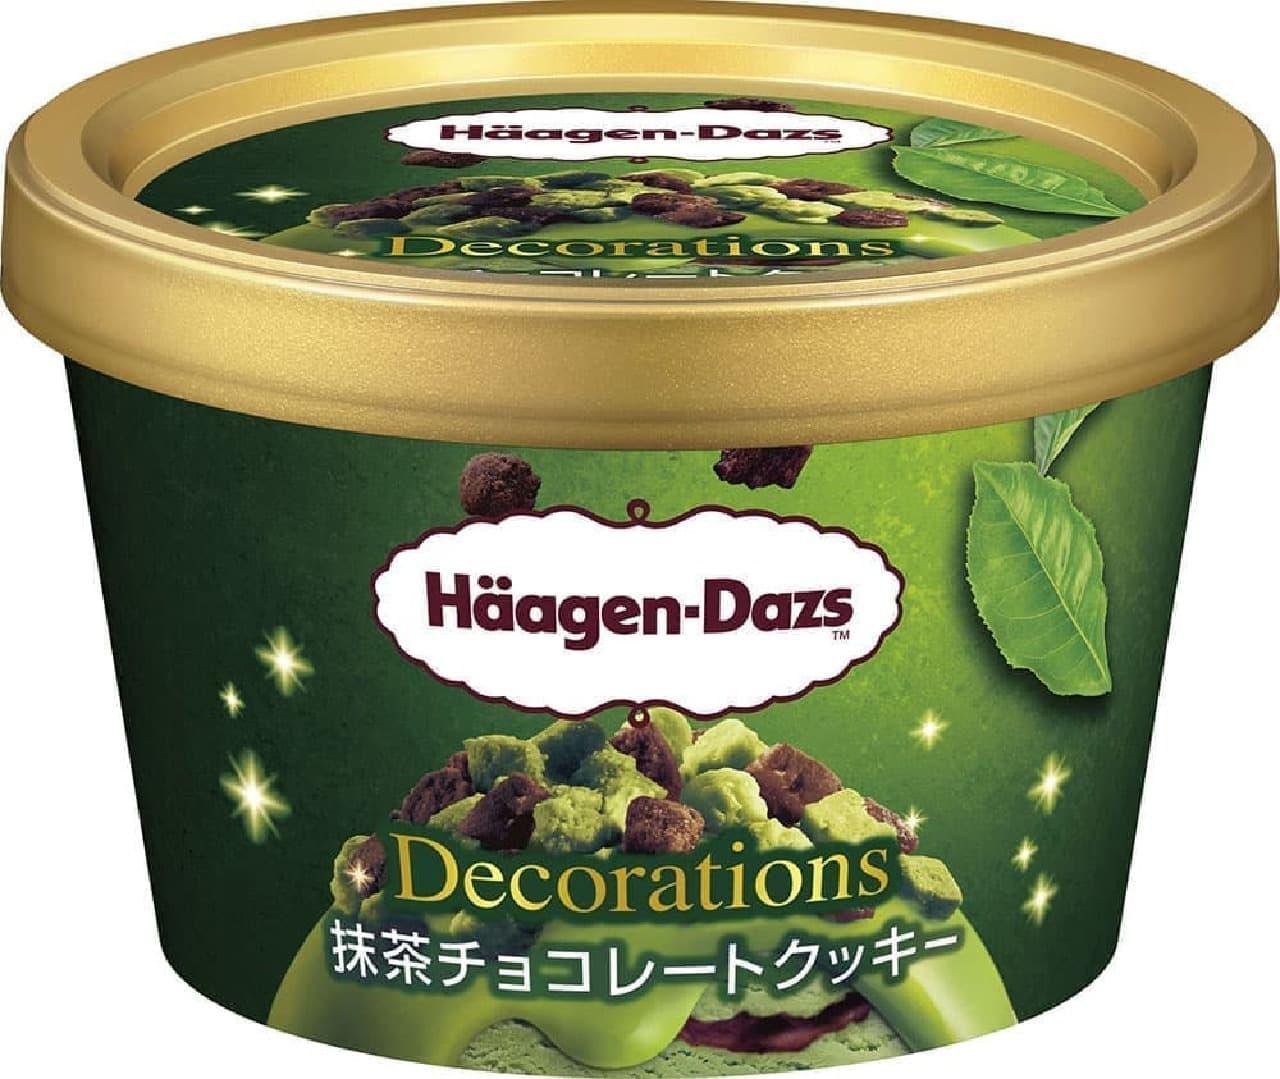 ハーゲンダッツ デコレーションズ「抹茶チョコレートクッキー」